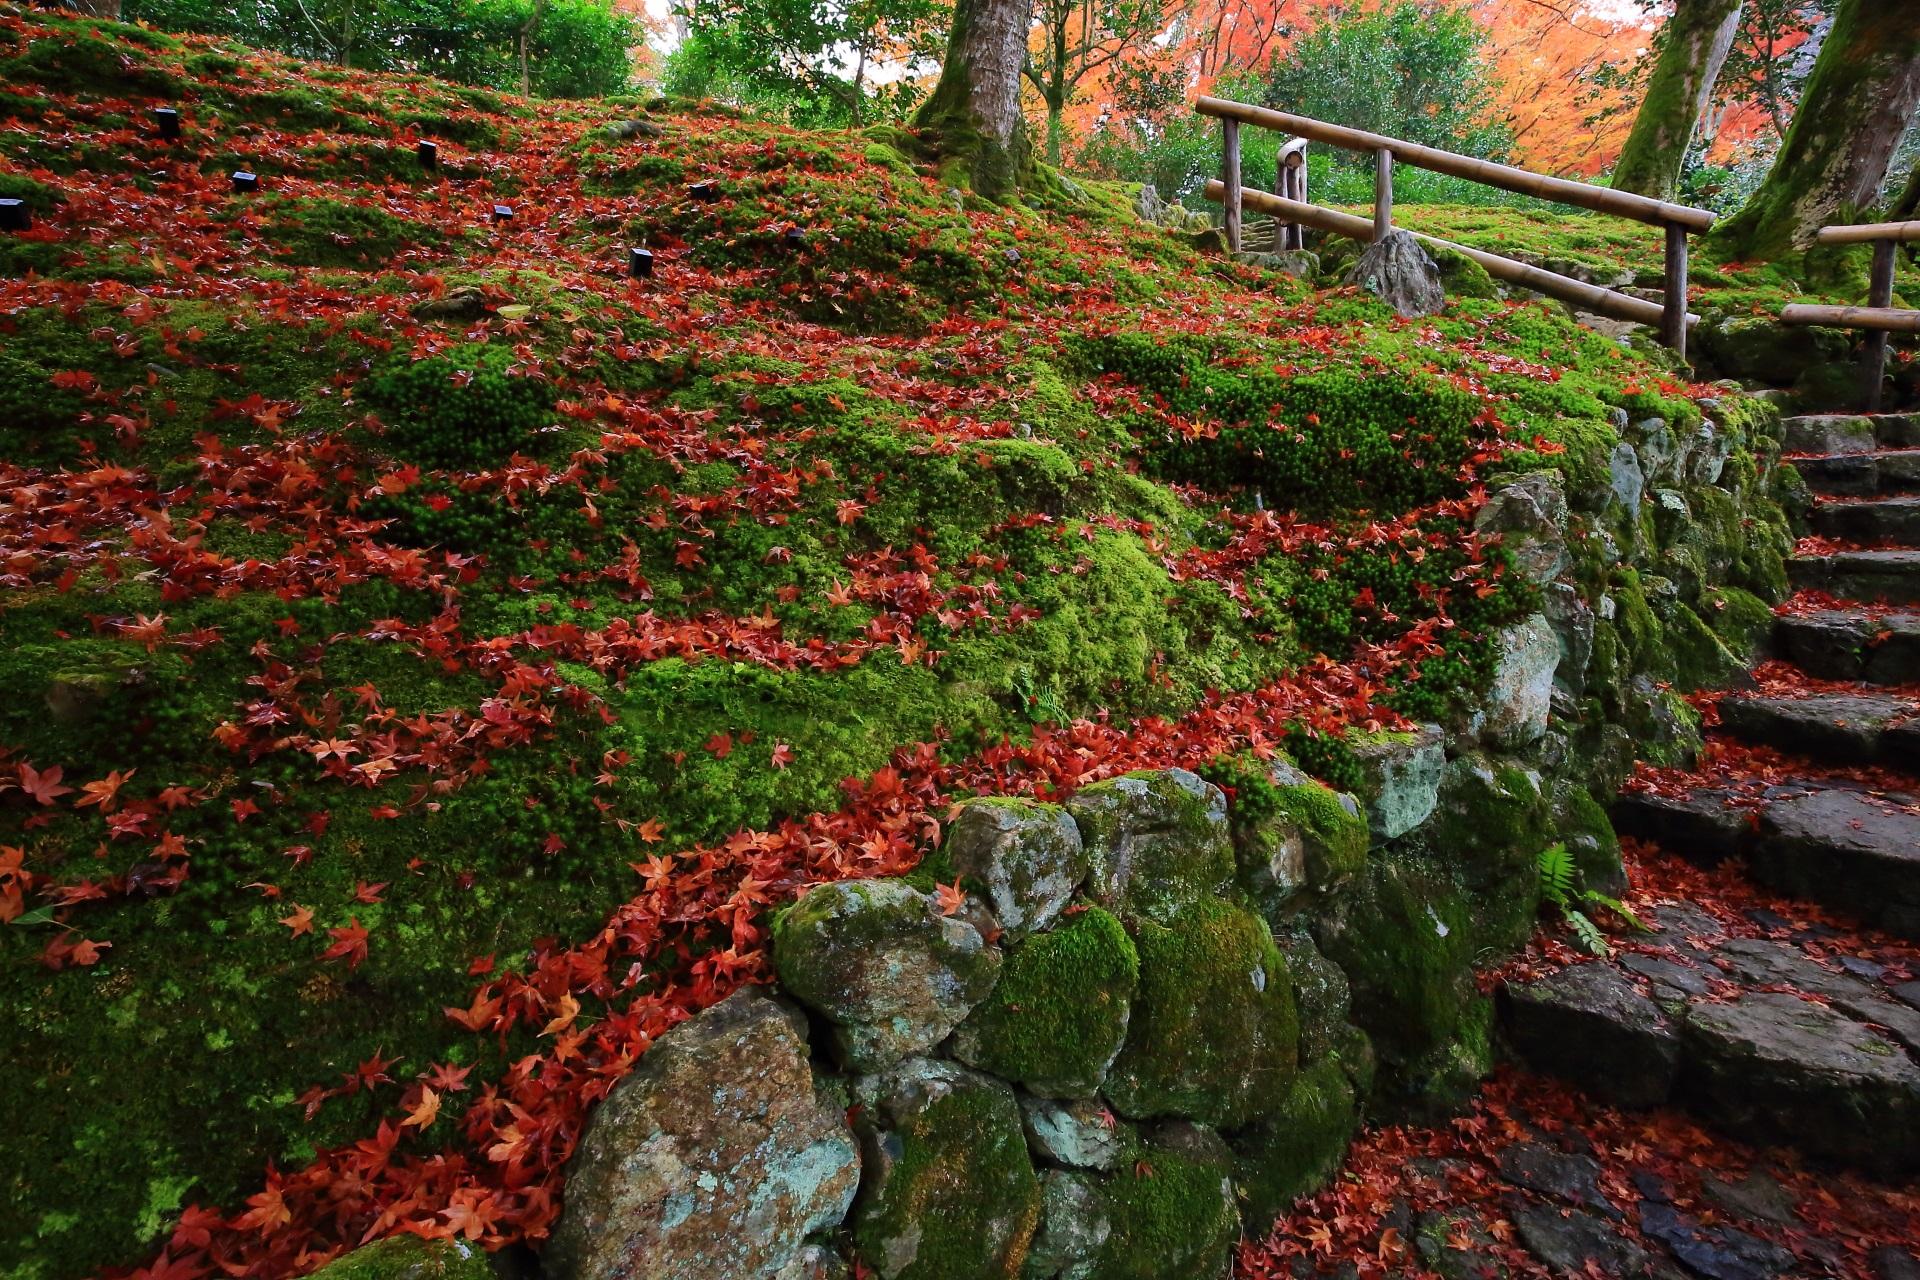 石垣と苔を彩る圧巻の散り紅葉